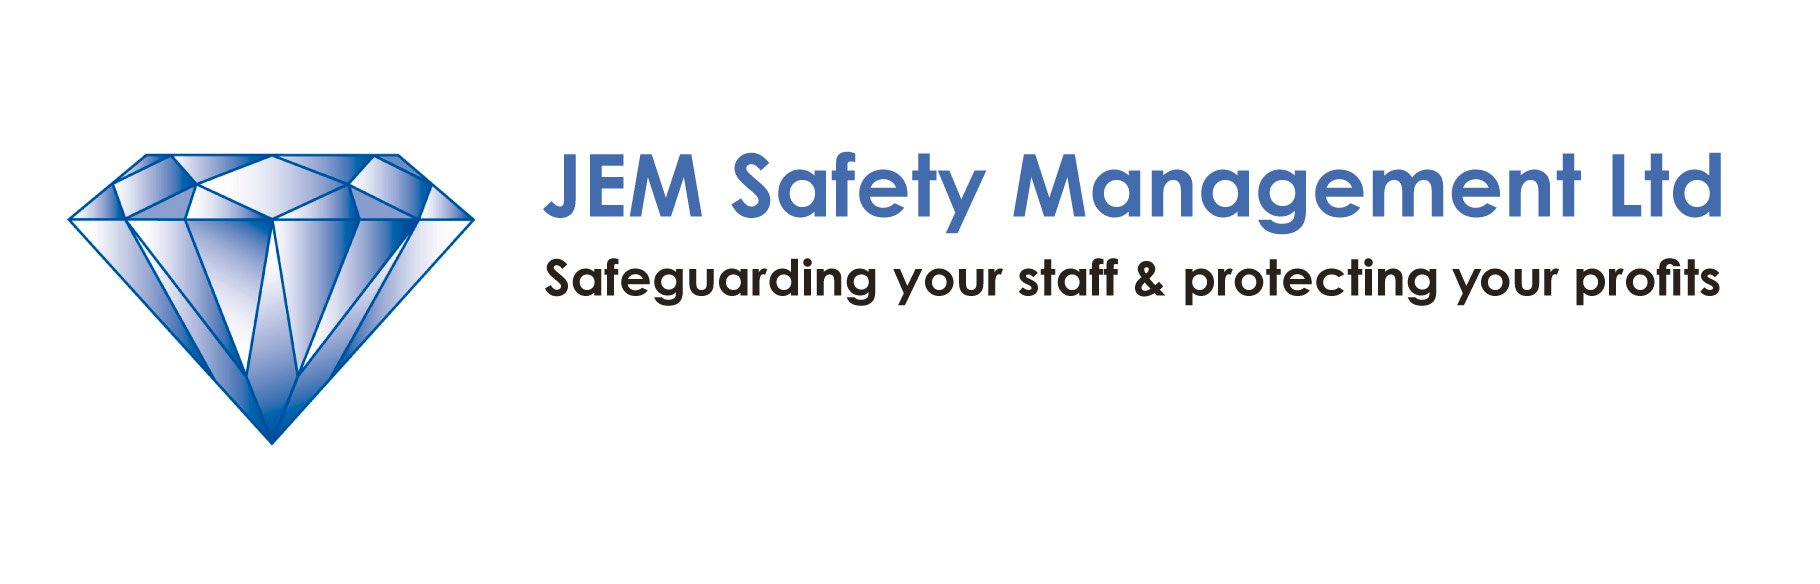 JEM Safety Management Ltd